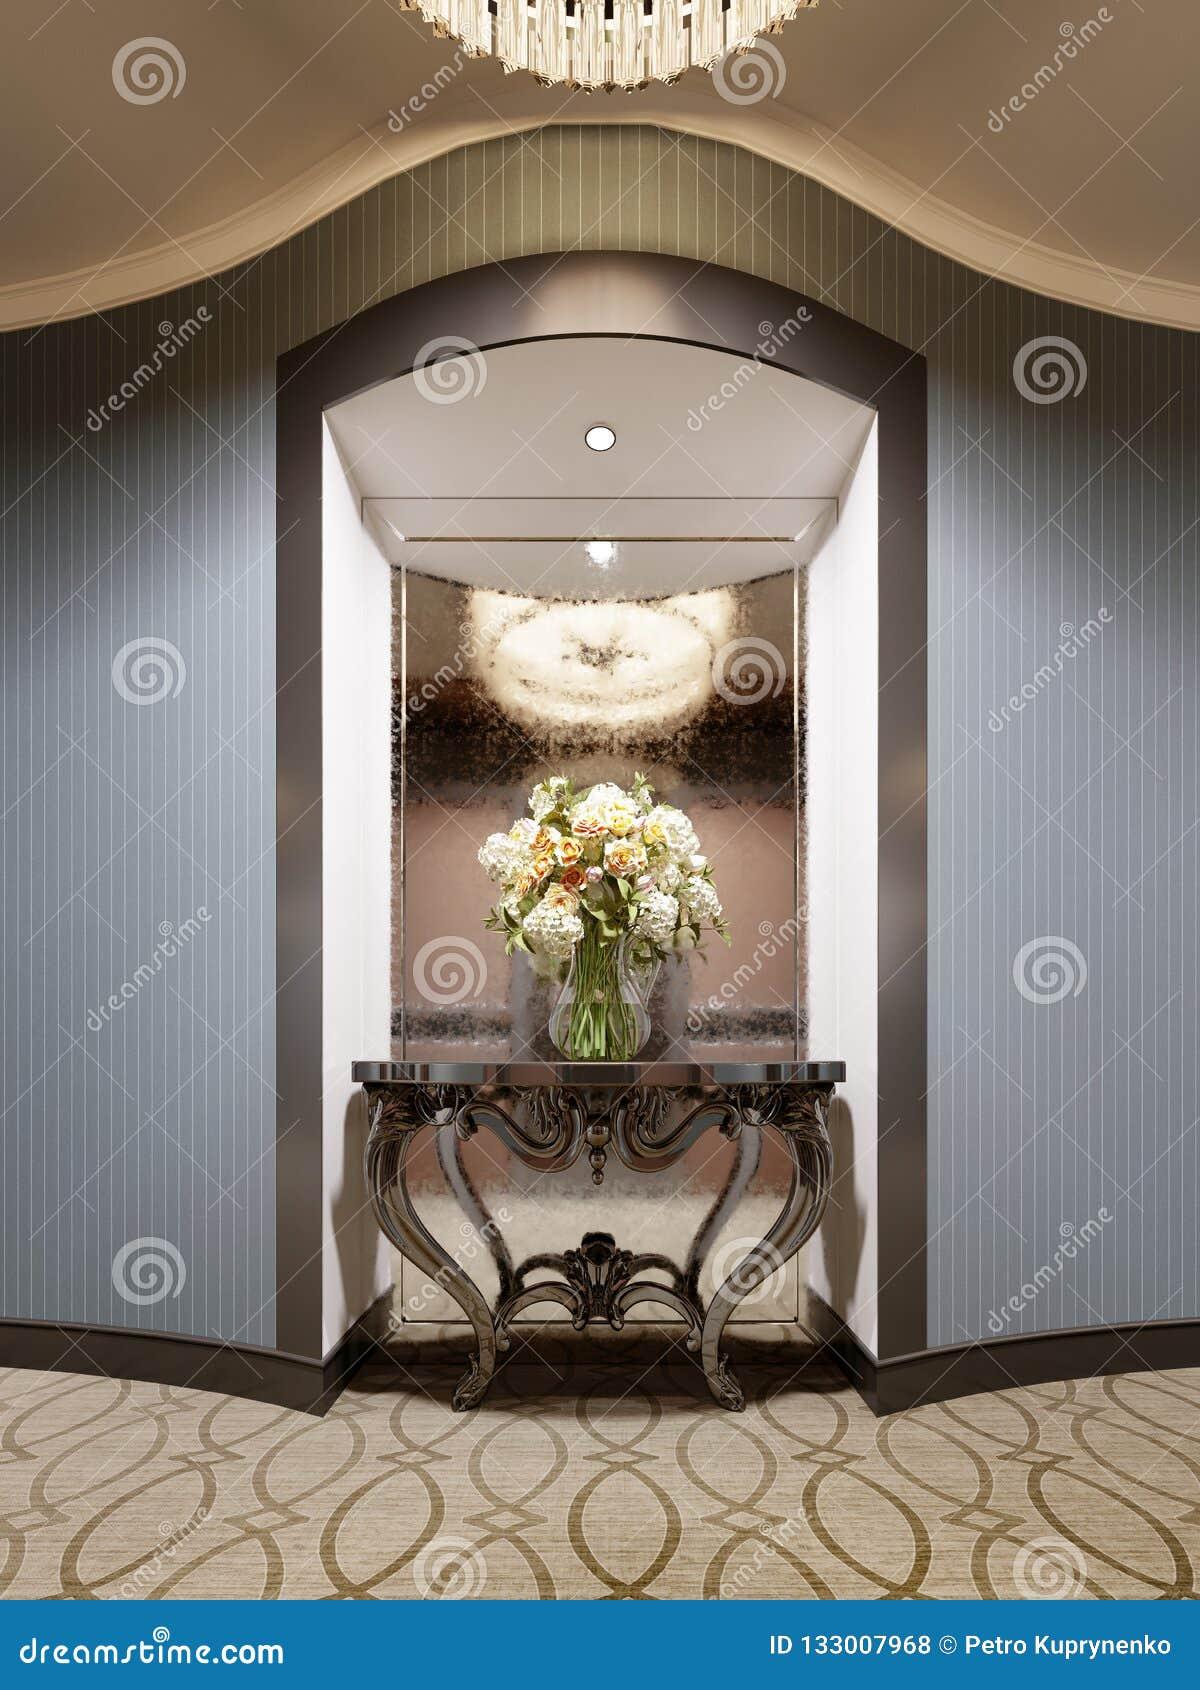 Een gebied in de muur van de hotelgang met een spiegel en een klassieke console met bloemen en verlichting